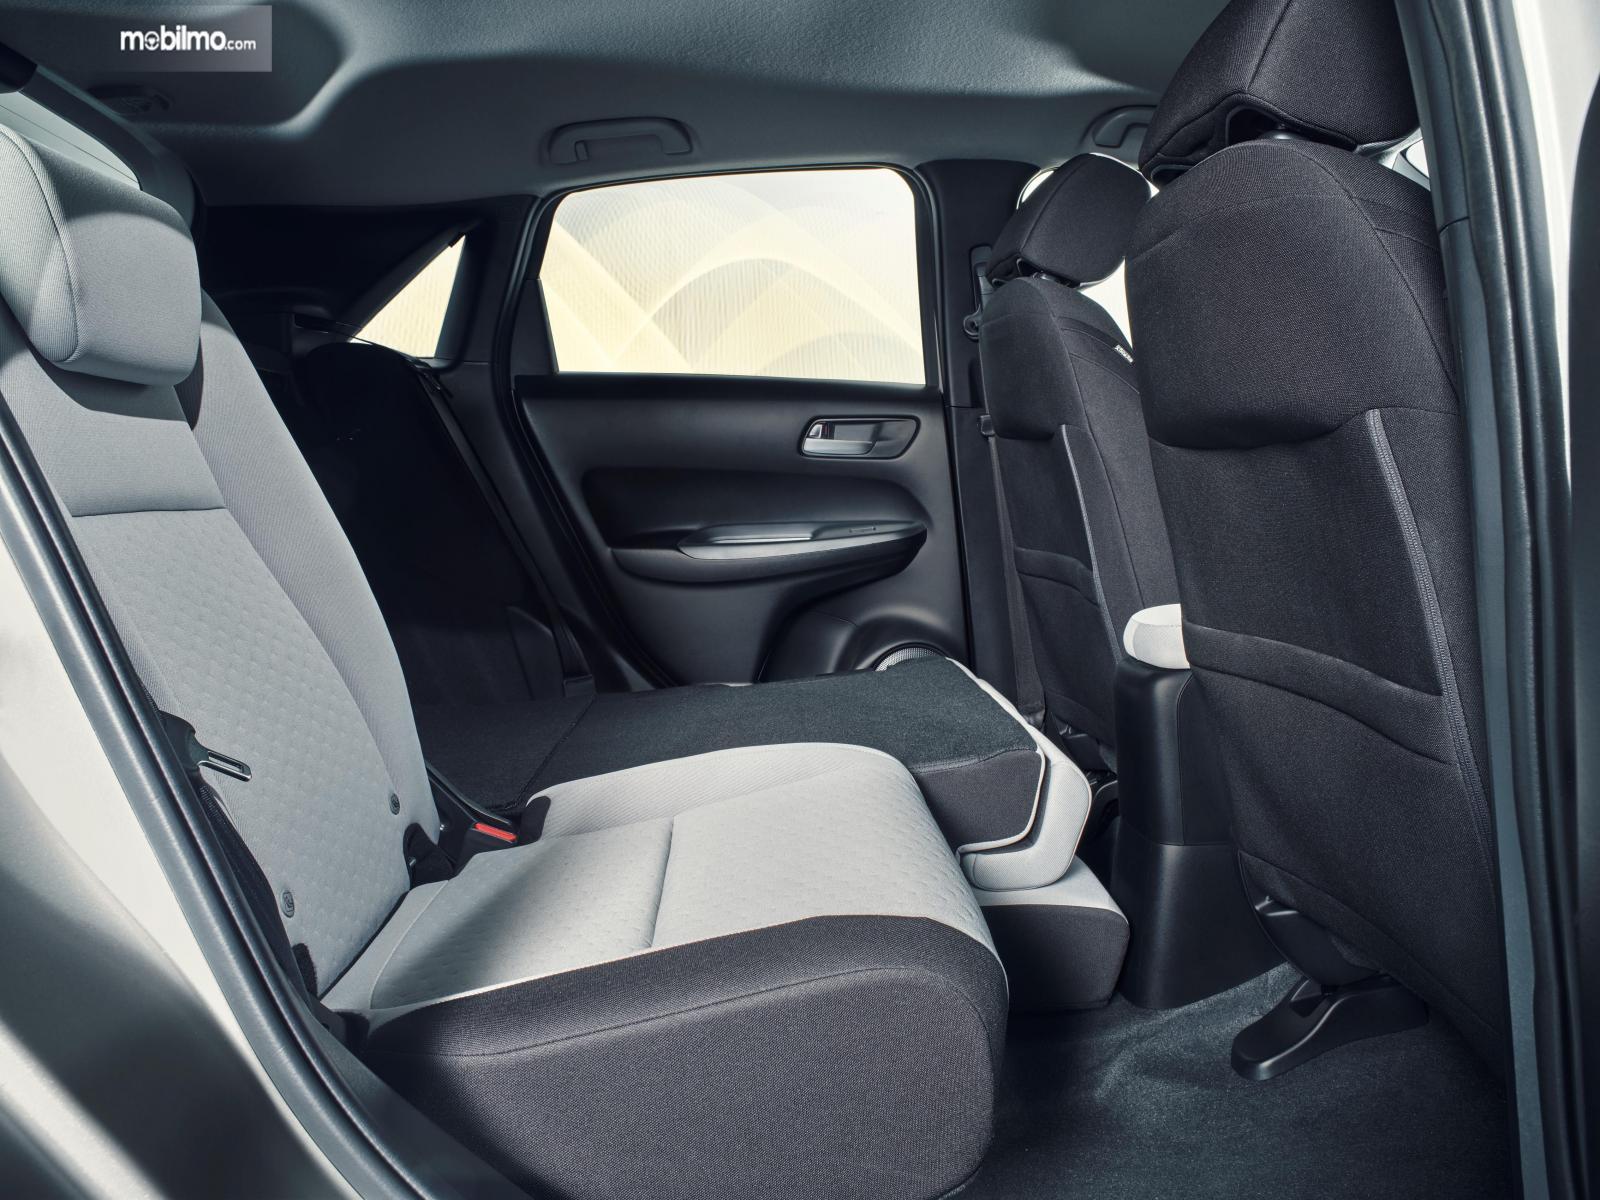 Gambar menunjukkan ultra seat All New Honda Jazz 2020